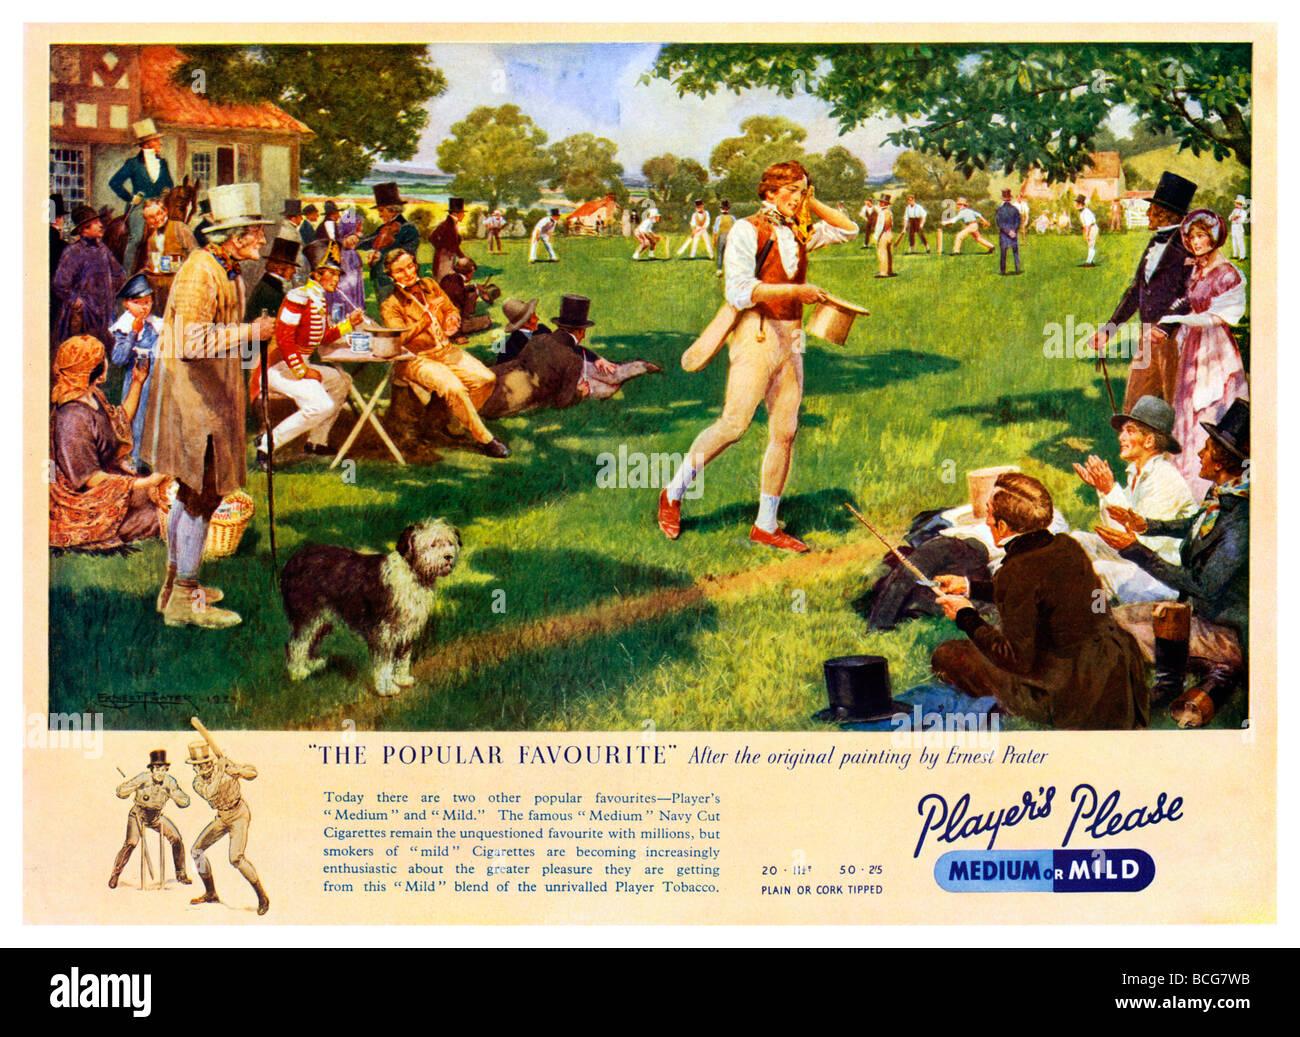 Un favorito Popular 1930 ad para jugadores cigarrillos utilizando el Ernest Prater de pintar un juego de cricket Imagen De Stock